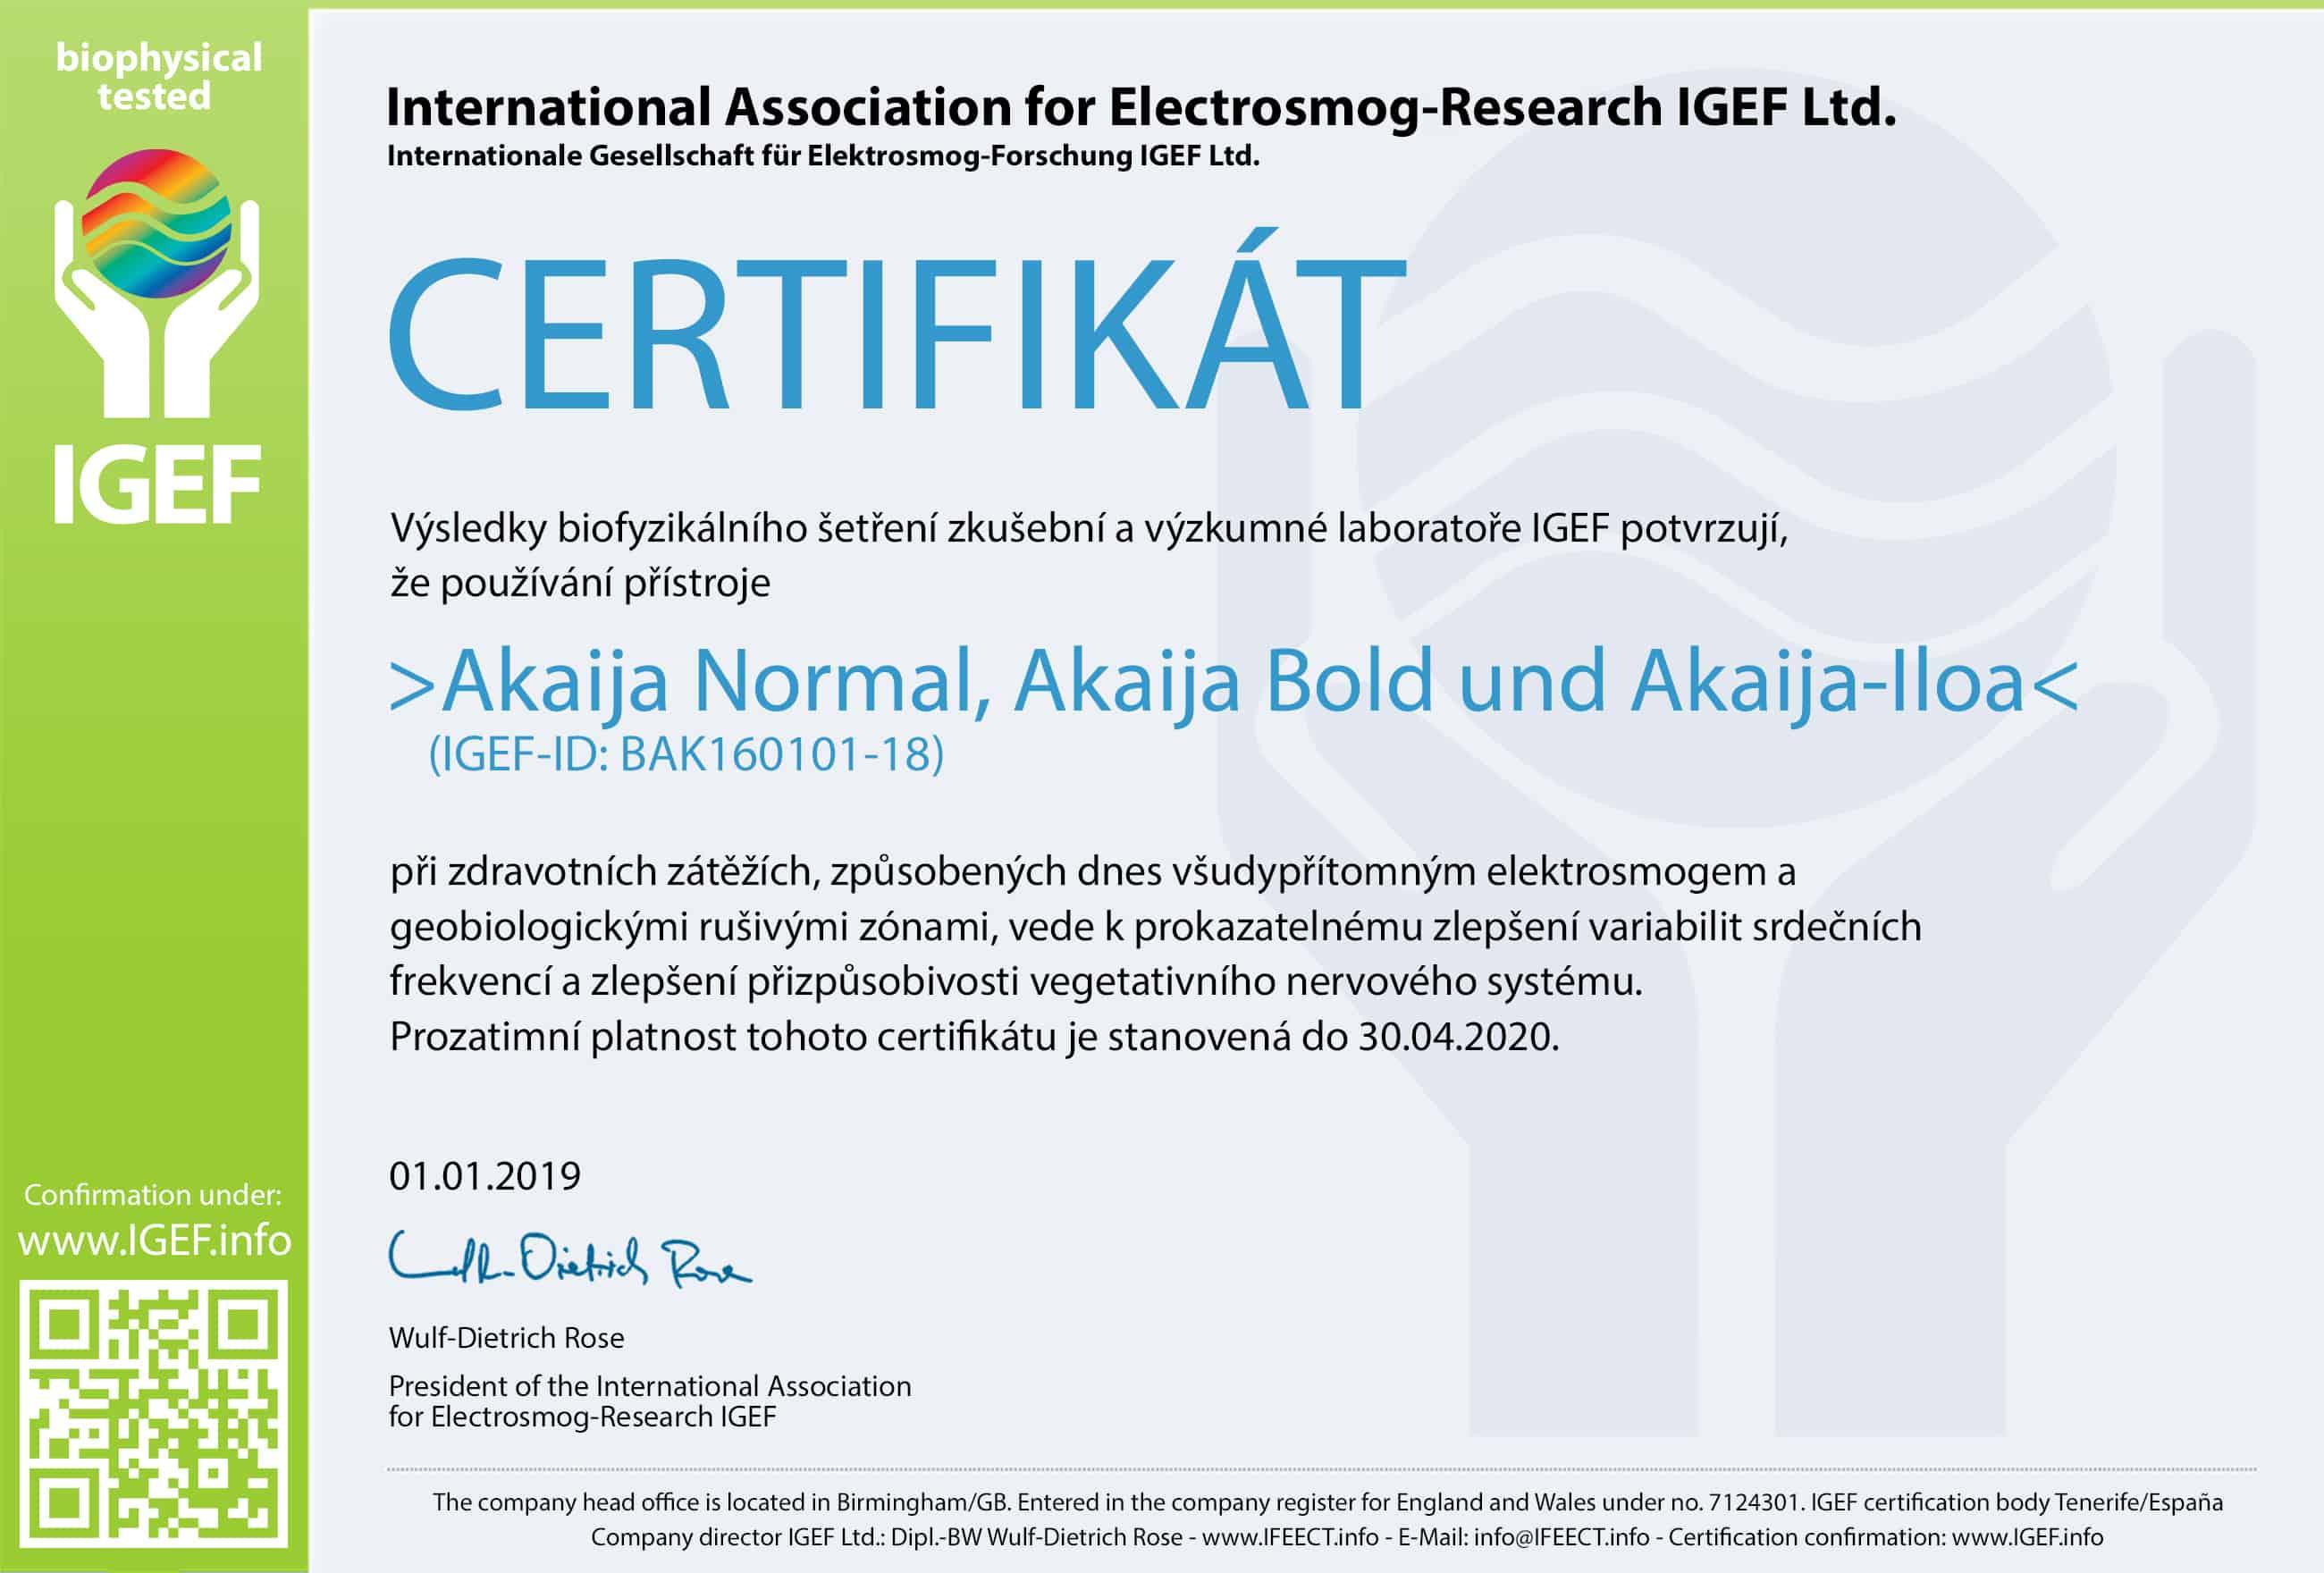 IGEF-Zertifikat-BAK-CZ-19